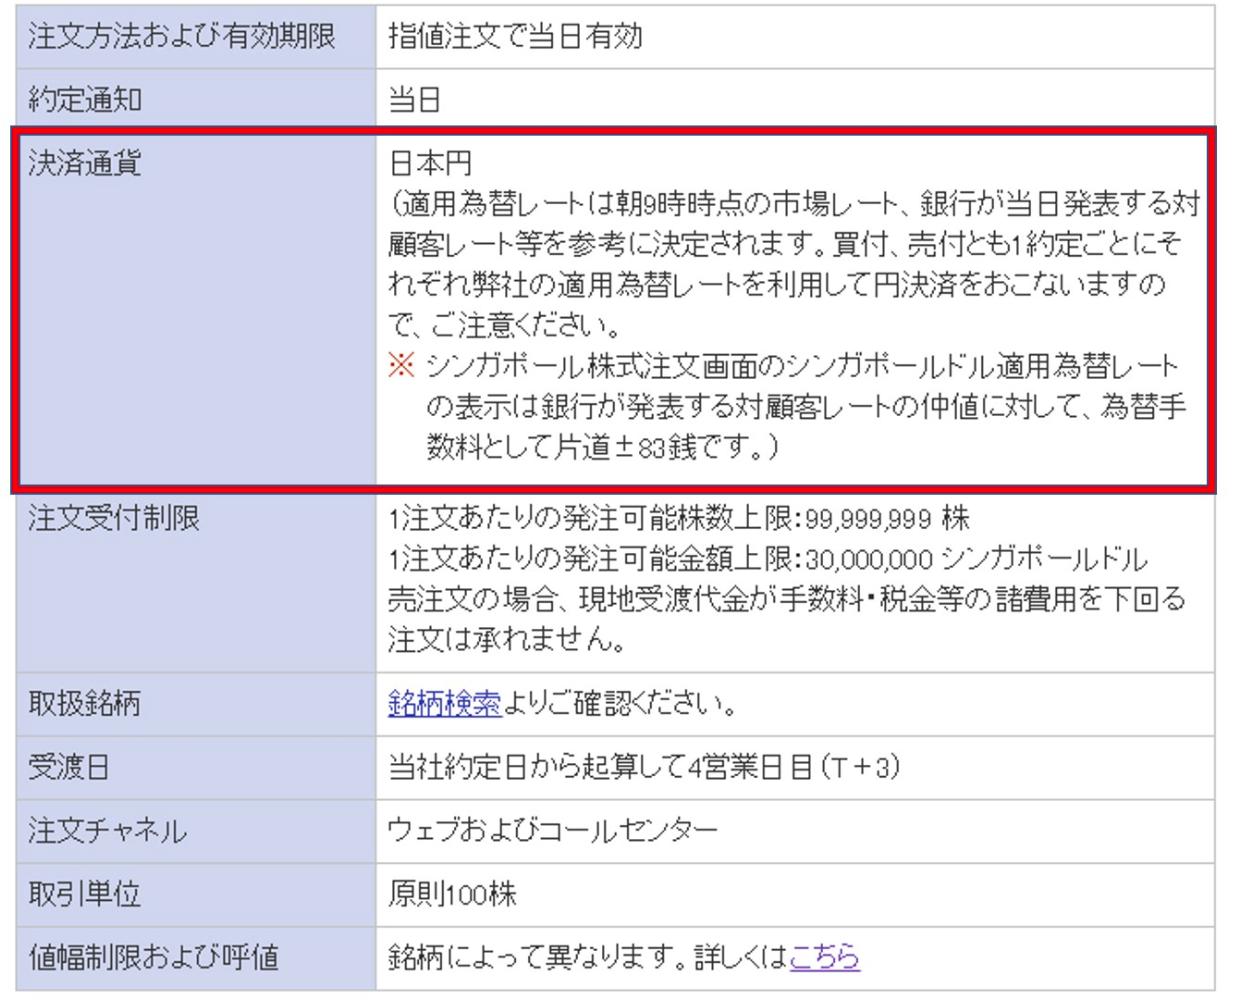 楽天証券のシンガポール株の取引手数料